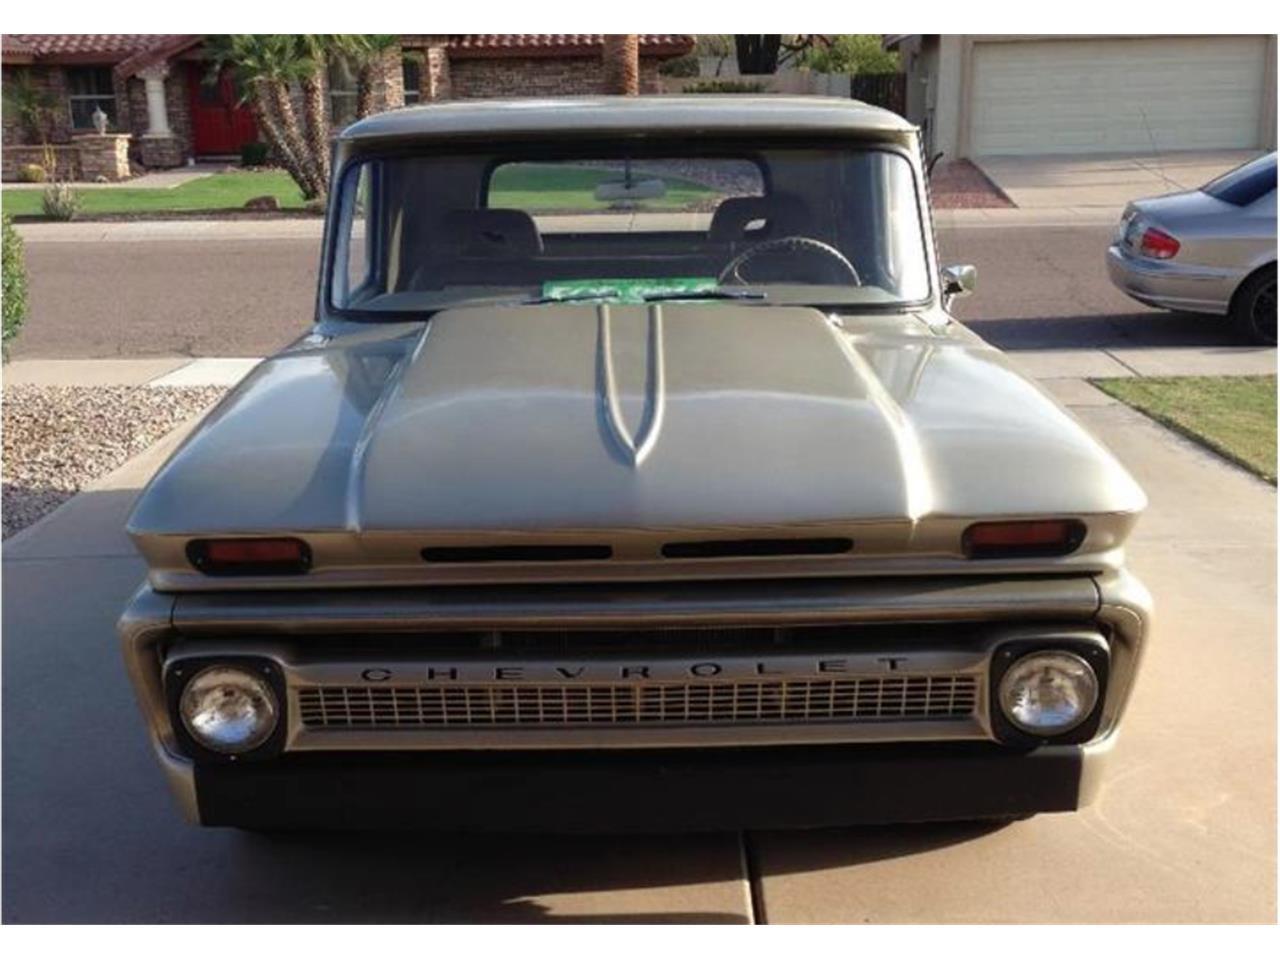 Large Picture of Classic '66 Chevrolet C10 located in Tempe Arizona - $17,000.00 - QNAU